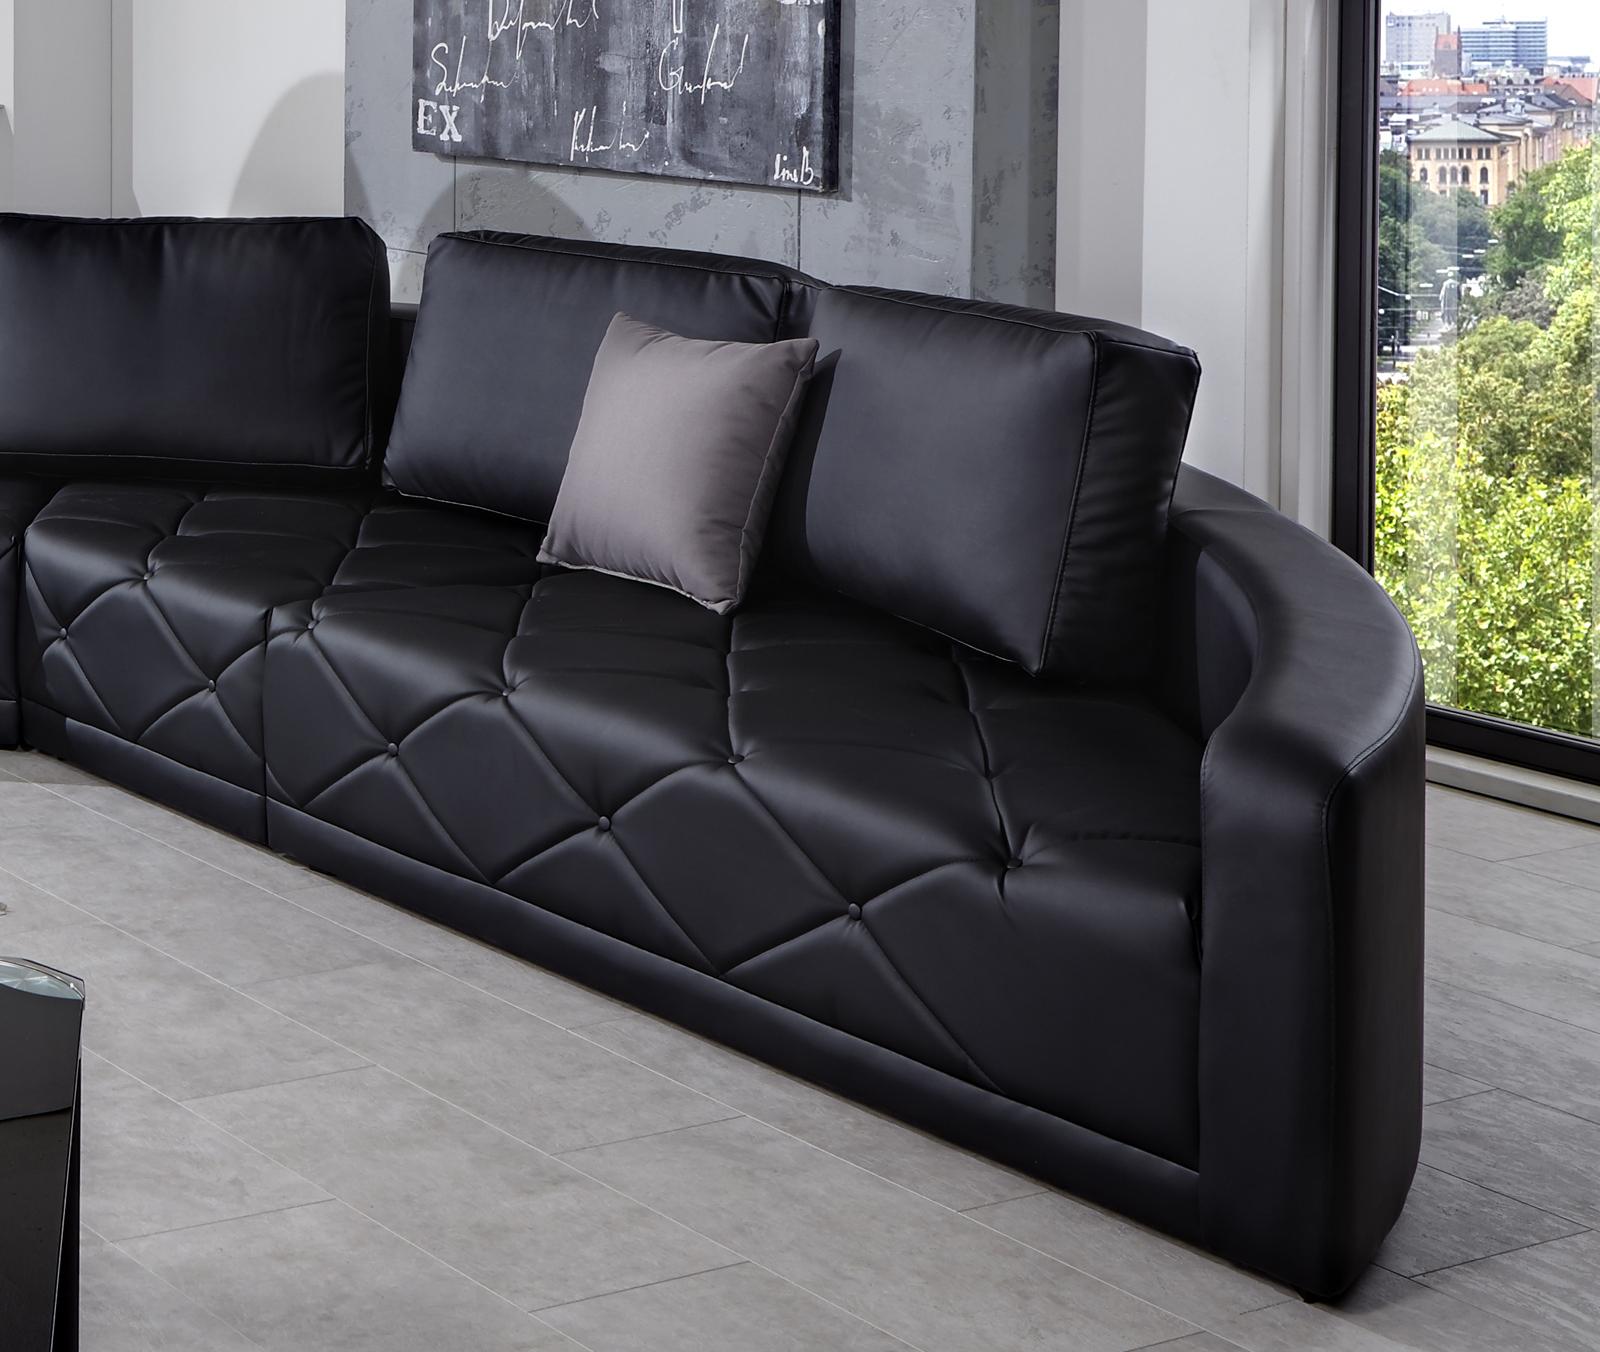 Sam sofa wohnlandschaft schwarz nero 290 x 380 cm for Wohnlandschaft finanzieren